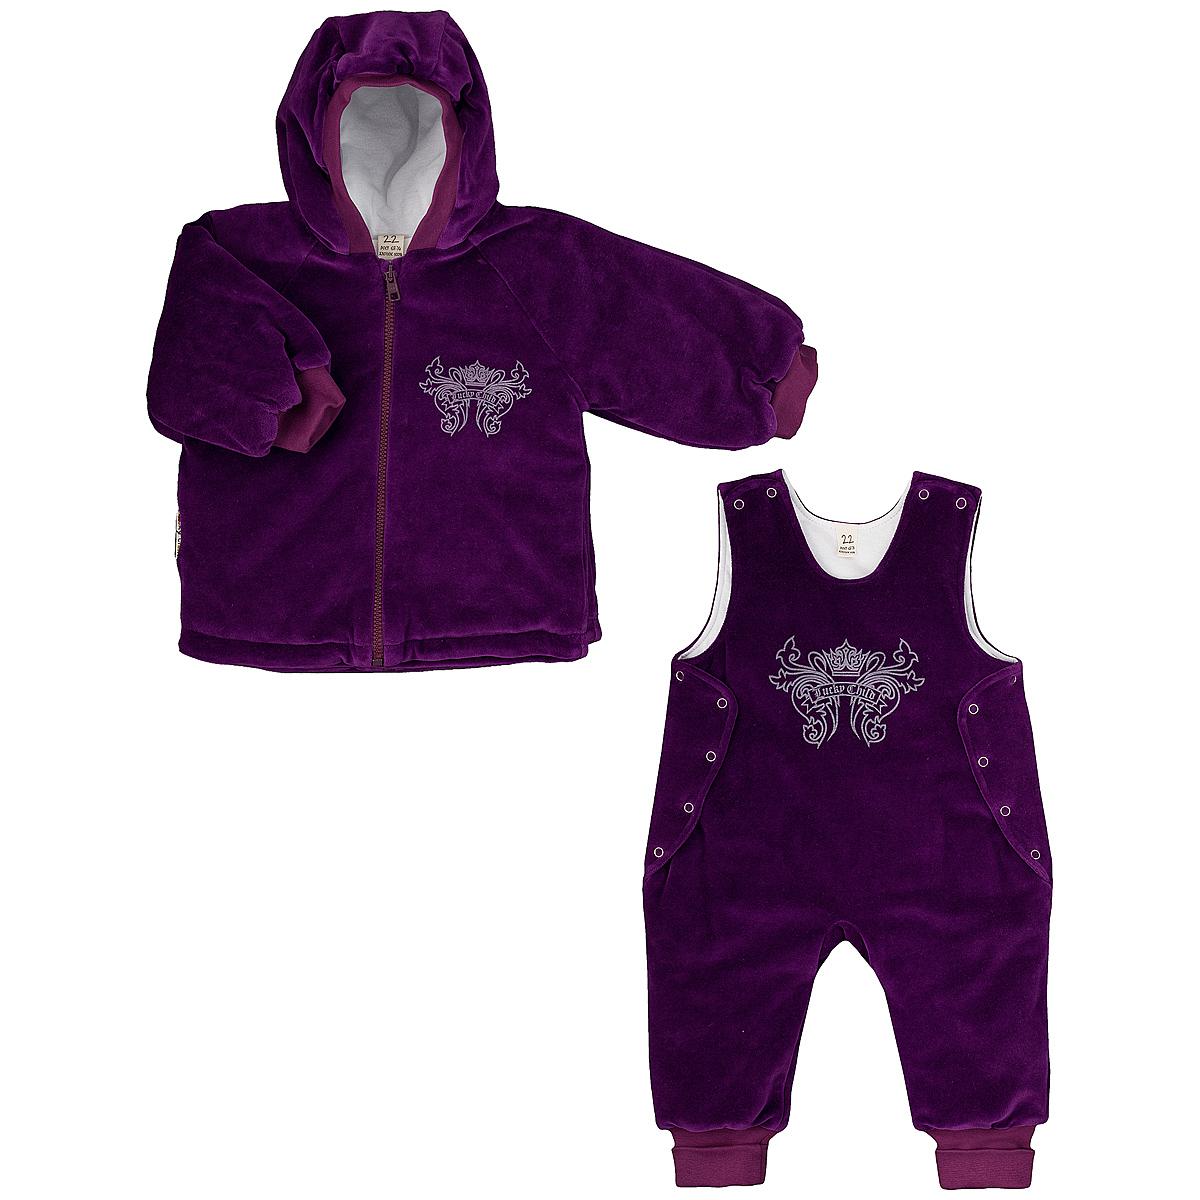 Комплект детский Lucky Child: куртка, полукомбинезон, цвет: сливовый. 5-5. Размер 62/685-5Утепленный детский комплект Lucky Child идеально подойдет для ребенка в прохладное время года. Комплект состоит из куртки и полукомбинезона, изготовленных из велюра с утеплителем из синтепона, а для максимального комфорта на подкладке используется натуральный хлопок, который не раздражает нежную кожу ребенка и хорошо сохраняет тепло. Комплект необычайно мягкий и приятный на ощупь, не сковывает движения малыша и позволяет коже дышать, обеспечивая ему наибольший комфорт. Куртка с капюшоном и длинными рукавами-реглан застегивается на пластиковую застежку-молнию. Рукава дополнены широкими трикотажными манжетами, не стягивающими запястья. На груди она оформлена оригинальным принтом в виде логотипа бренда. Полукомбинезон застегивается сверху на кнопки, а по бокам дополнен специальными клапанами на кнопках, которые позволяют без труда переодеть малыша. Снизу брючин предусмотрены широкие трикотажные манжеты. На груди он декорирован таким же рисунком, как на куртке. Комфортный, удобный и практичный этот комплект идеально подойдет для прогулок и игр на свежем воздухе!